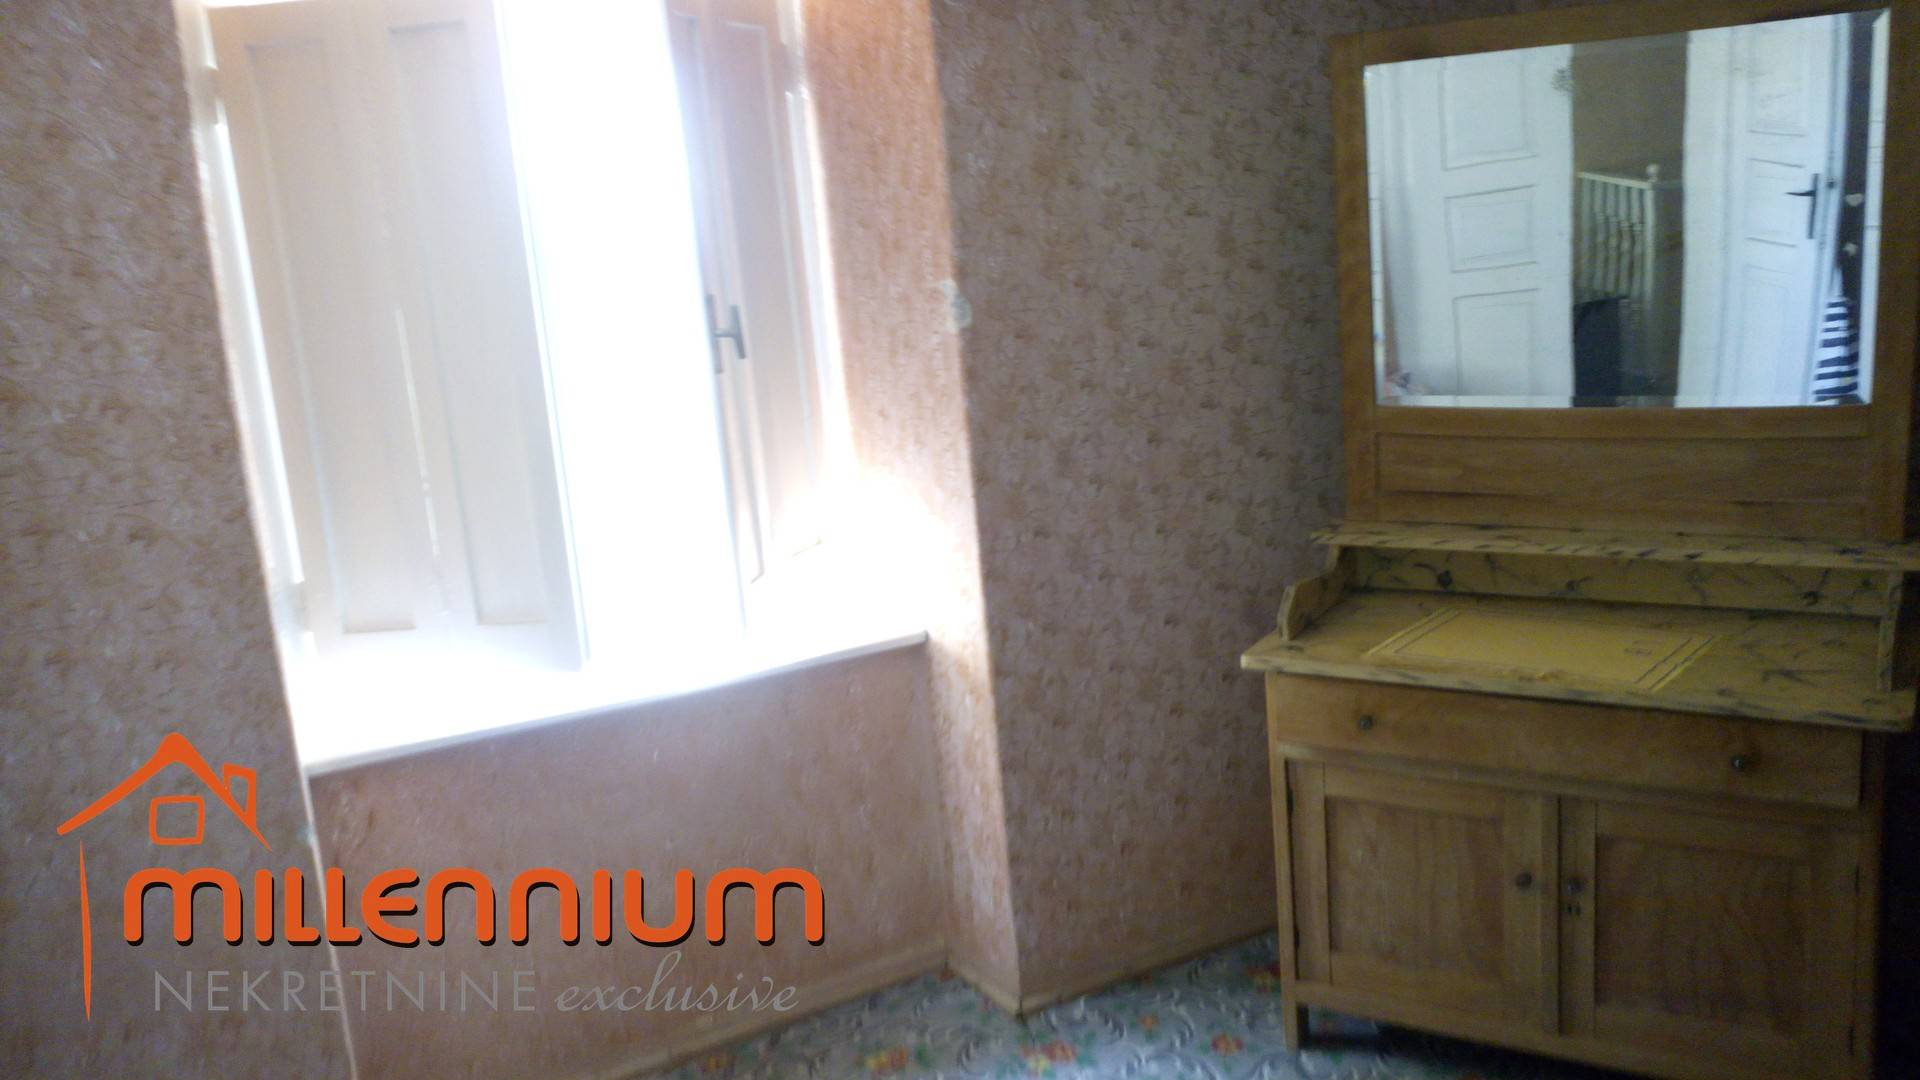 Kuća, Rijeka prigrad, Hreljin, 120m2, 850m2 okućnice